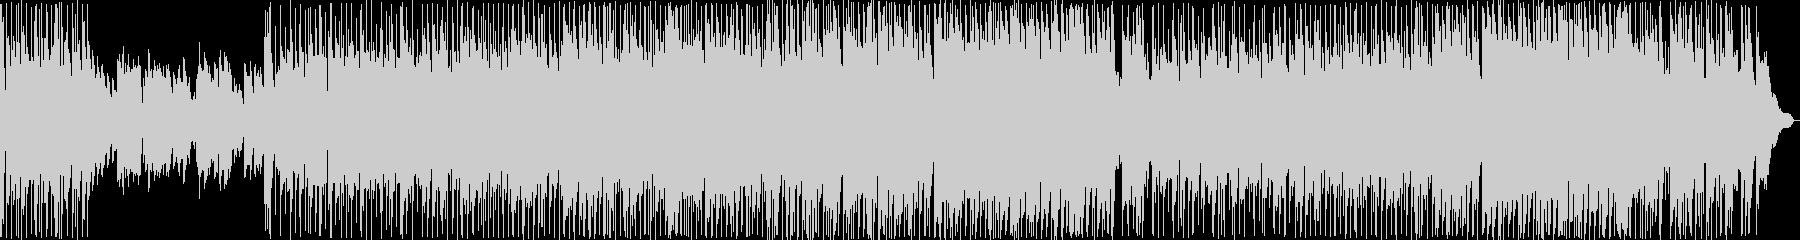 ほのぼのした雰囲気のバラード2の未再生の波形